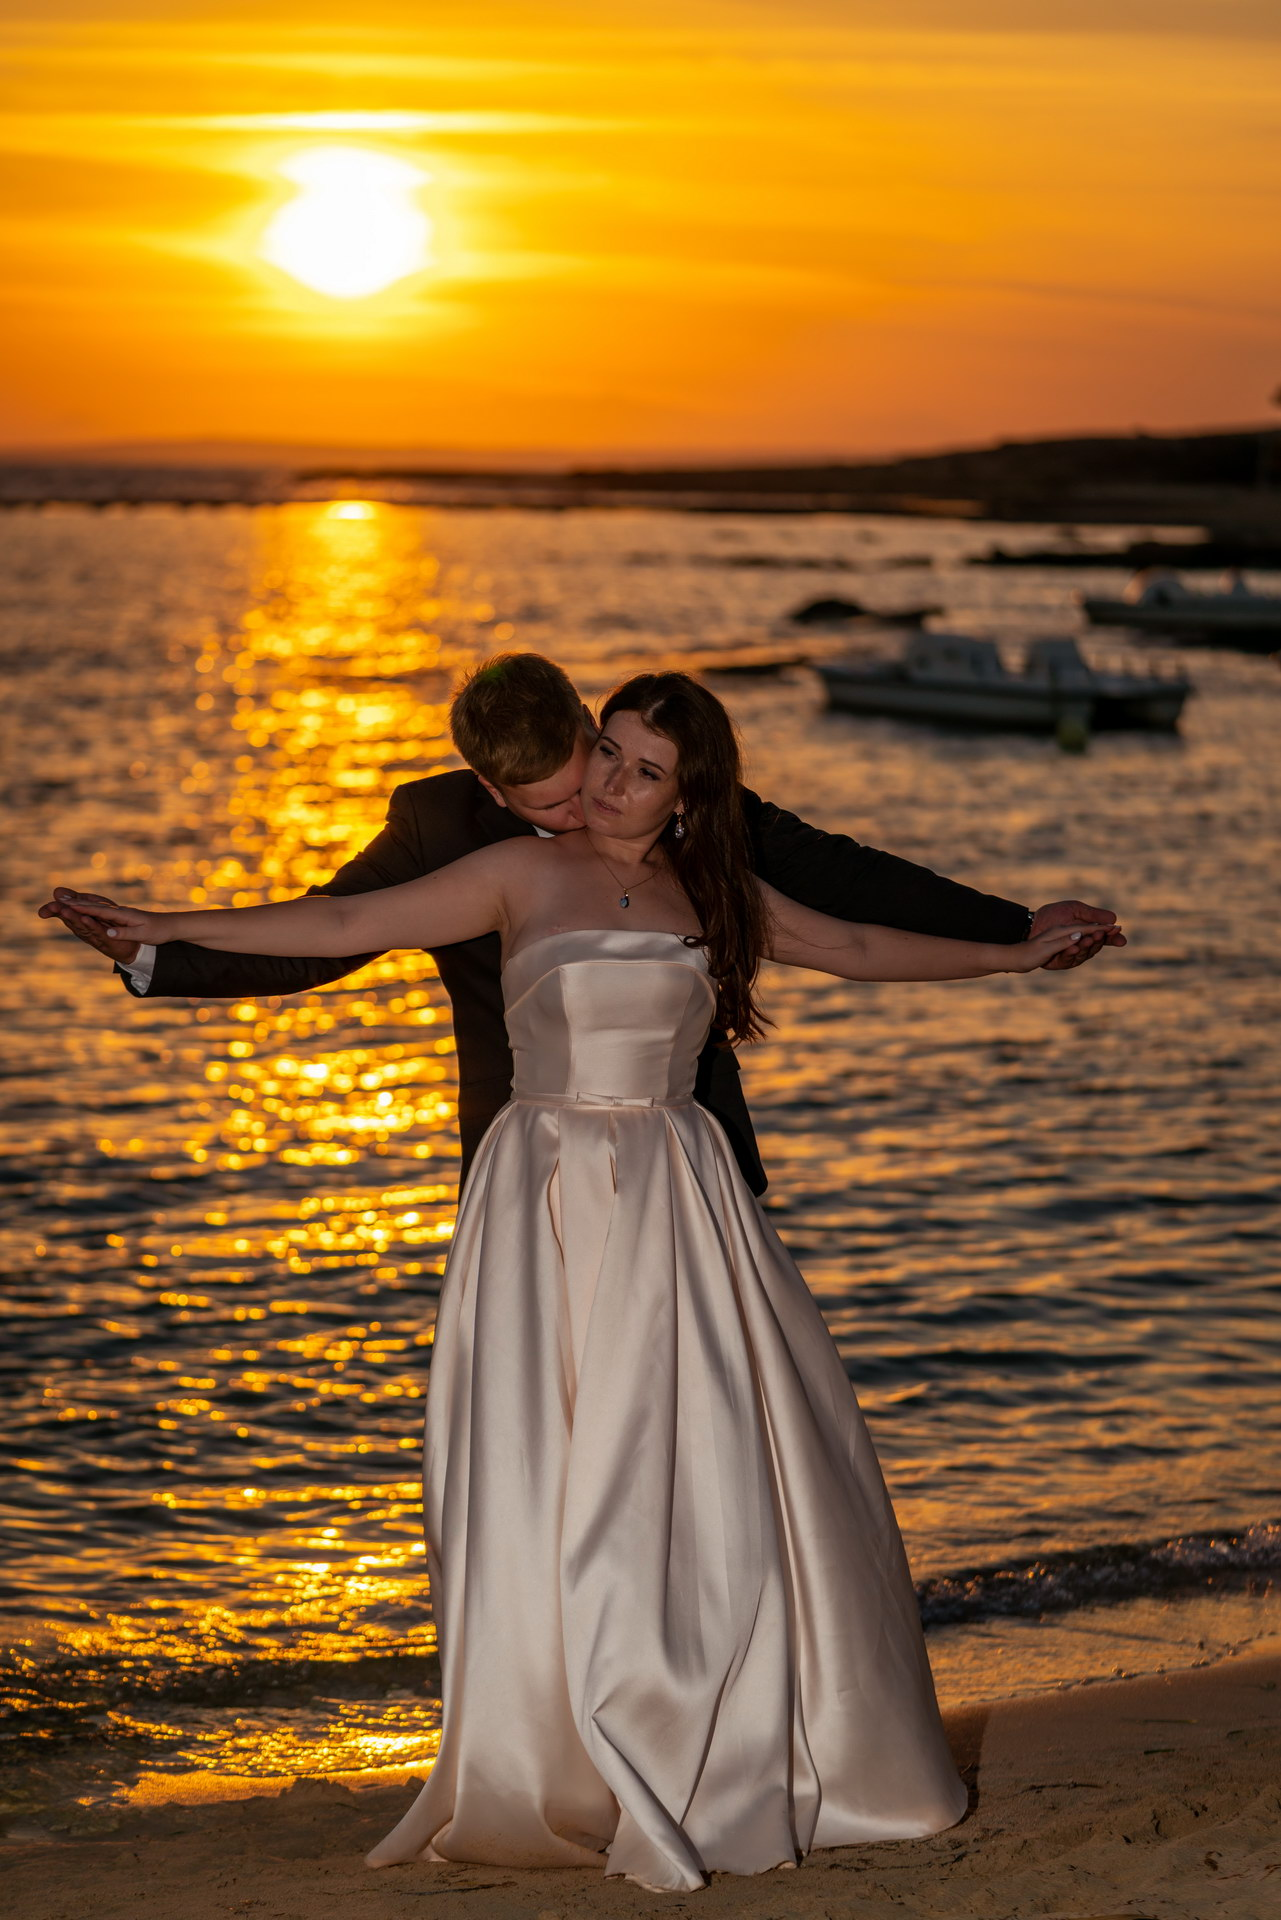 PIC03863_happyimagescyprus.com